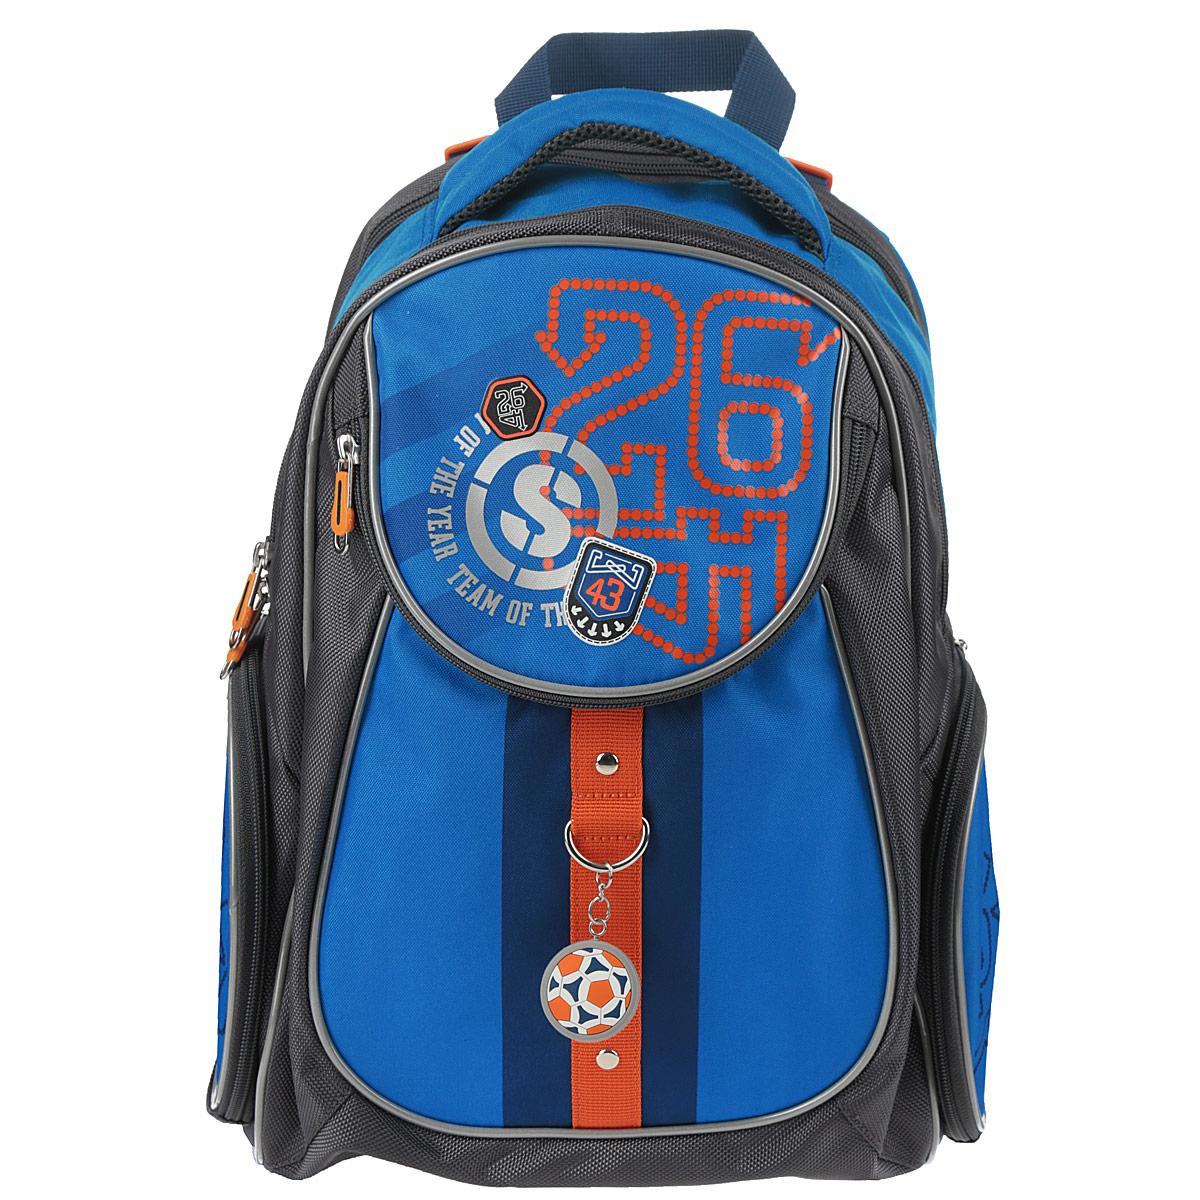 Рюкзак школьный Erich Krause Футбол, цвет: серый, голубой, оранжевый37150Рюкзак школьный Erich Krause Футбол станет надежным спутником в получении знаний.Рюкзак выполнен из прочного водостойкого полиэстера серого цвета с голубыми и оранжевыми вставками.Рюкзак состоит из двух вместительных отделений, закрывающихся на застежки-молнии с двумя бегунками. Одно из отделений содержит кармашек для мелочей на застежке-молнии. В другом находятся большой и три маленьких кармашка без застежек, кармашек на застежке-молнии, карман для мобильного телефона с клапаном на липучке и два фиксатора для пишущих принадлежностей. На лицевой стороне рюкзака расположен глубокий карман на молнии. По бокам находятся два внешних накладных кармана, закрывающихся также на застежку-молнию. Лицевая часть рюкзака декорирована подвеской в виде футбольного мяча. Конструкция ортопедической спинки рюкзака разработана по специальной технологии, позволяющей уменьшить нагрузку на спину.Рюкзак оснащен широкими мягкими лямками, регулируемыми по длине, которые равномерно распределяют нагрузку на плечевой пояс, и двумя удобными ручками для переноски в руке.Дно рюкзака дополнено двумя широкими пластиковыми ножками, которые помогут уберечь его от загрязнений и продлить срок службы. Рюкзак снабжен светоотражающими вставками. Такой школьный рюкзак станет незаменимым спутником вашего ребенка в походах за знаниями.